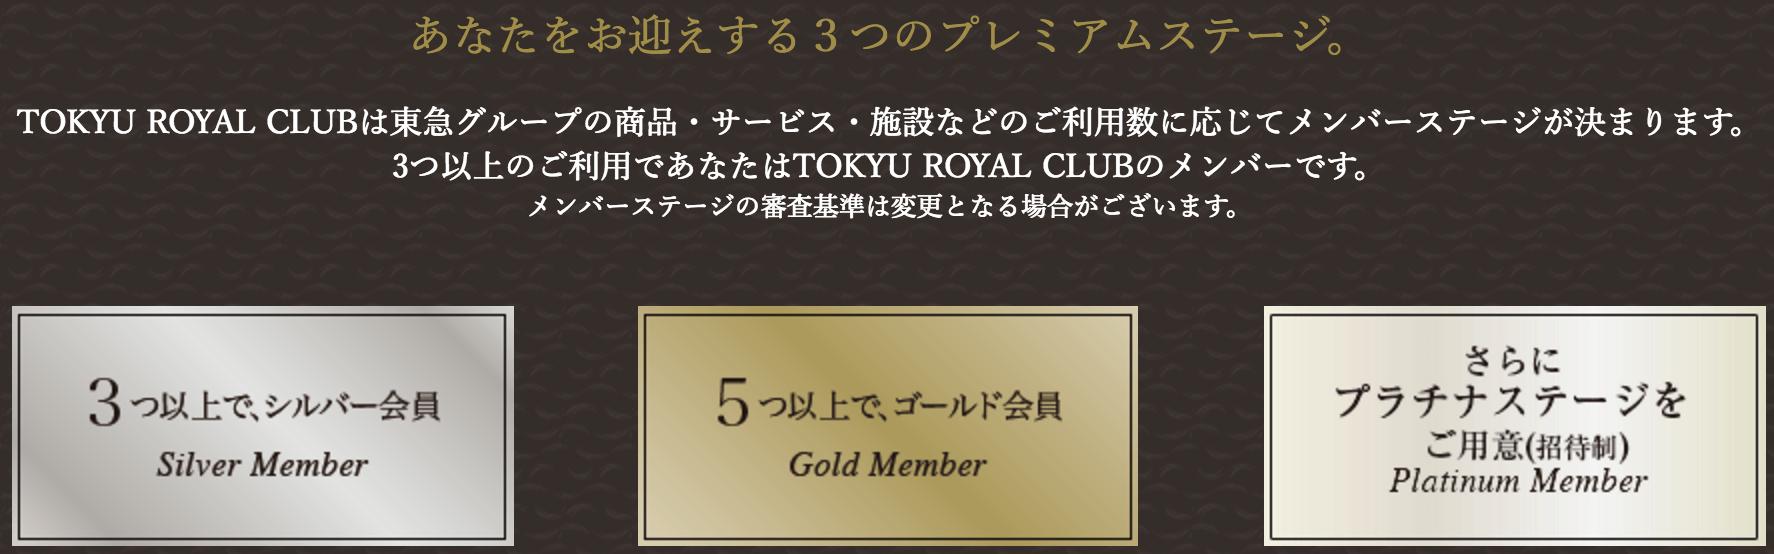 TOKYU ROYAL CLUB